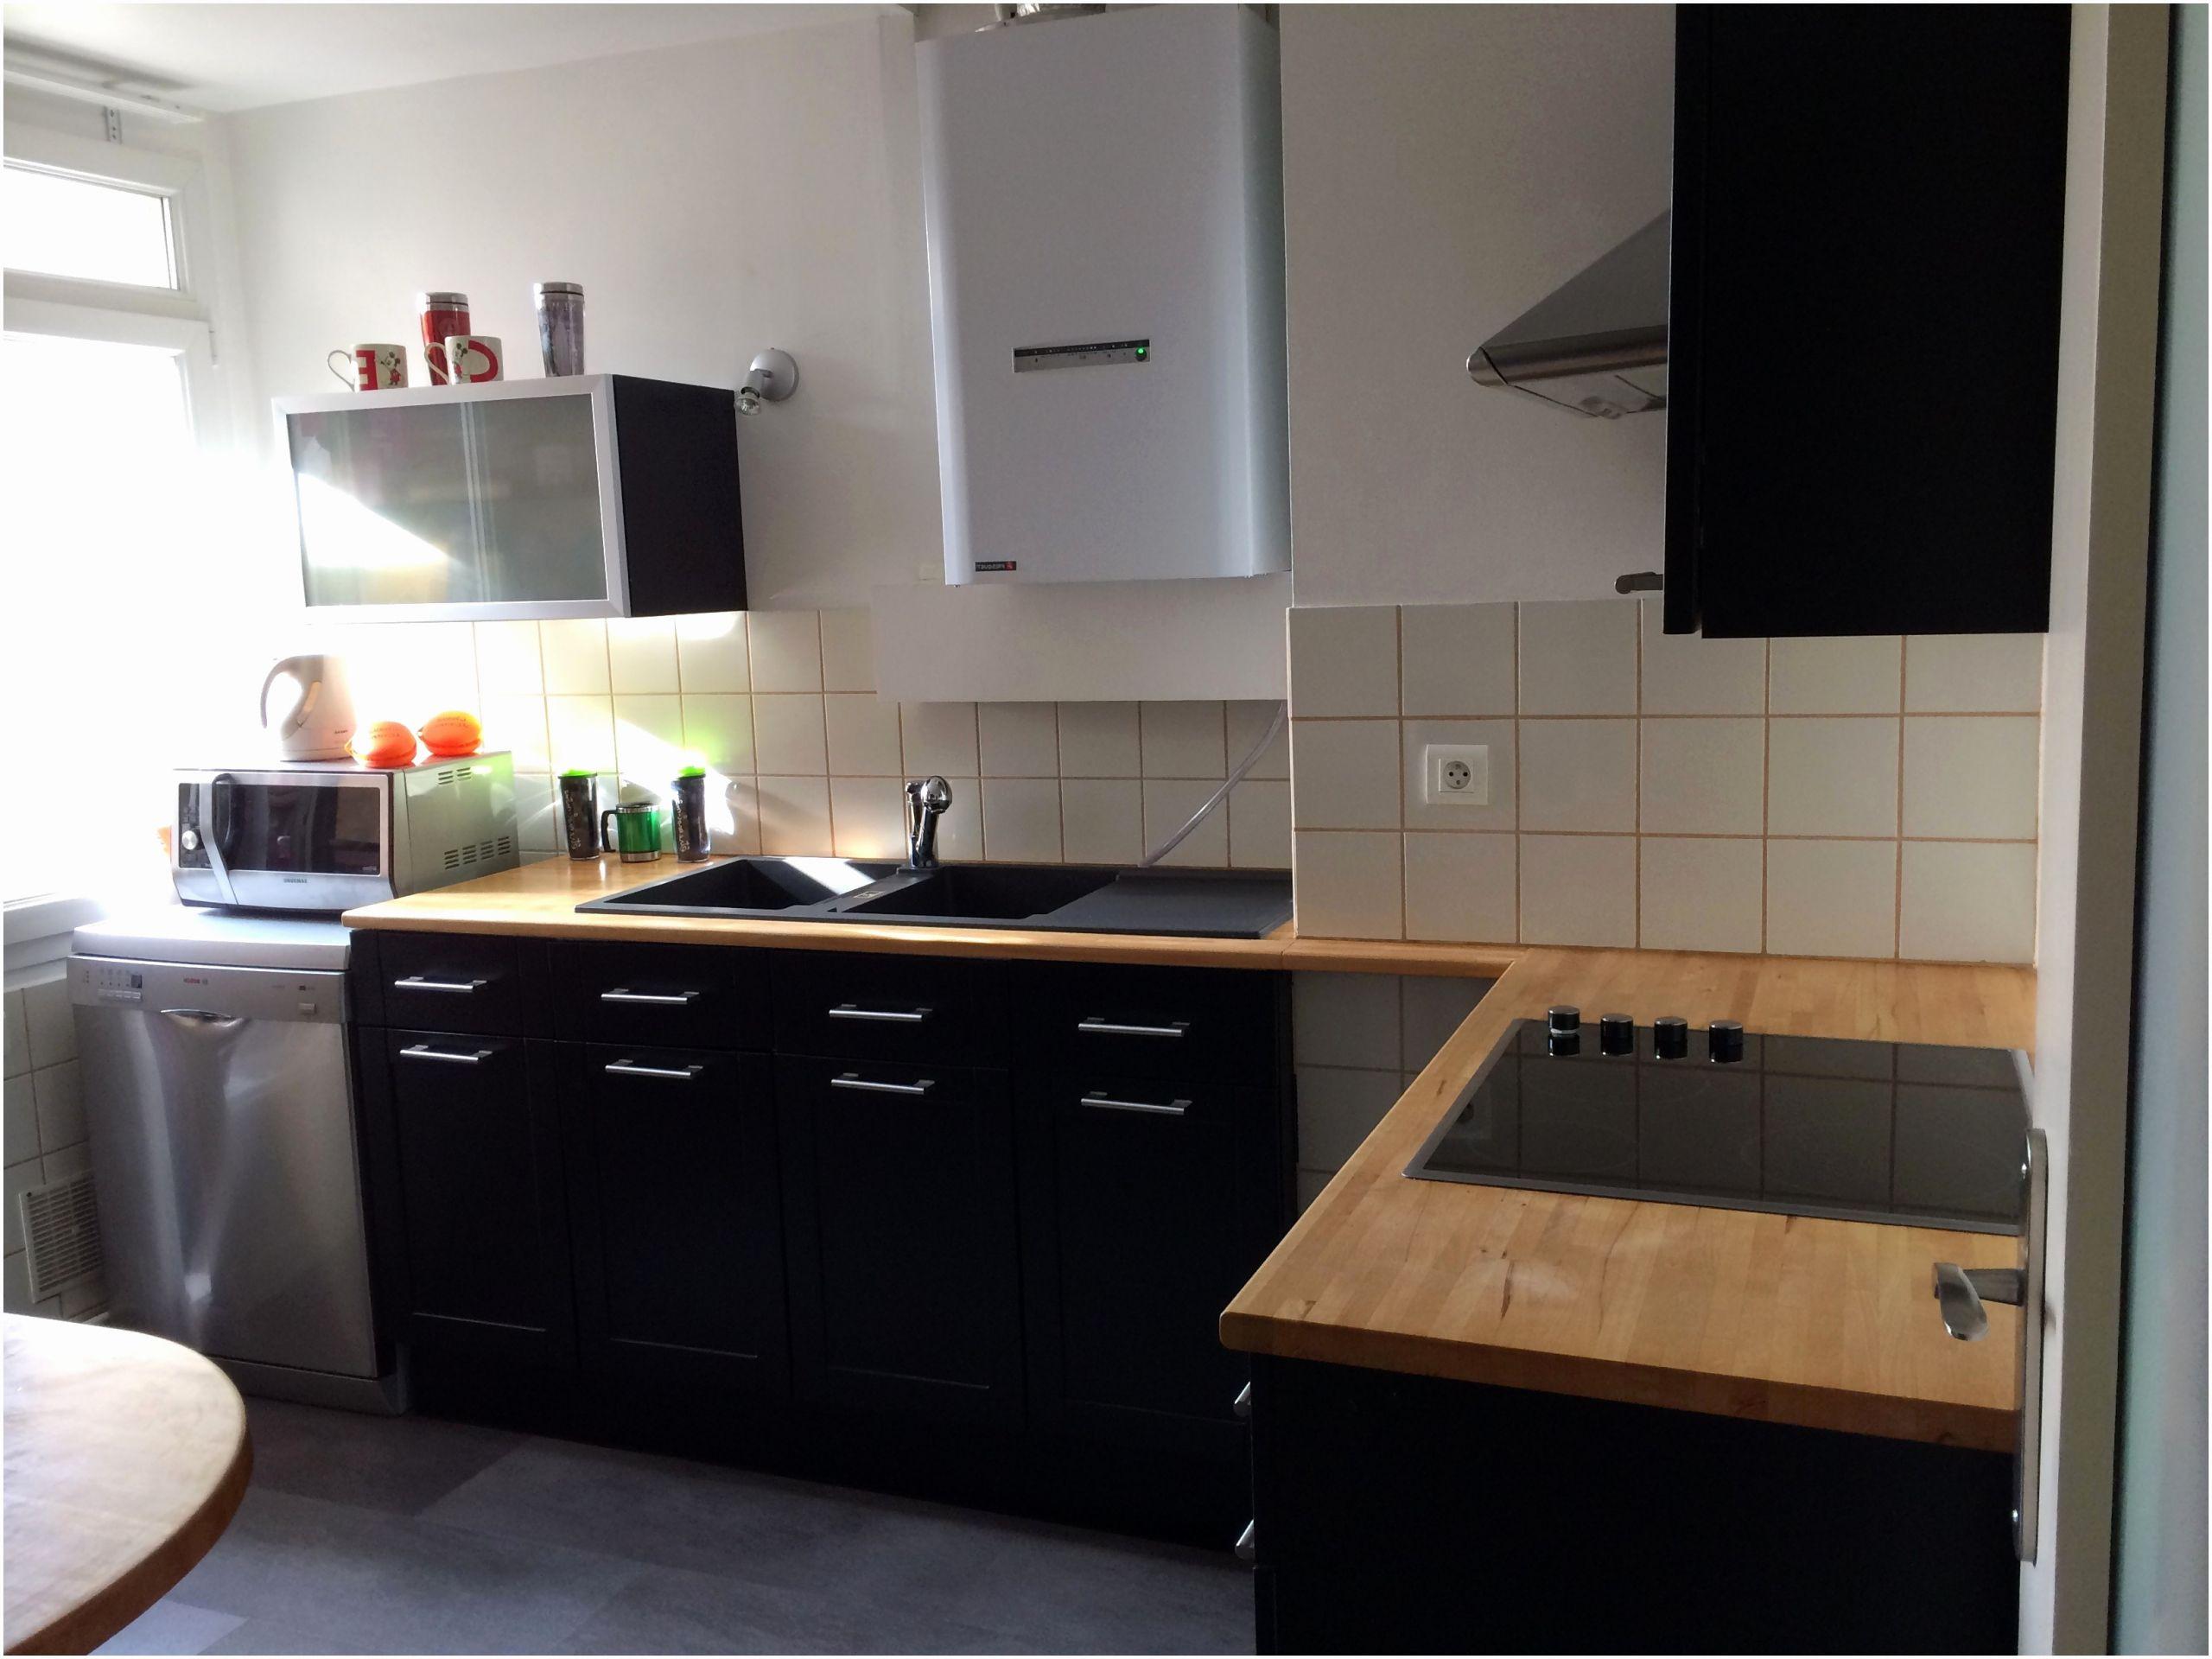 meuble d angle cuisine brico depot meuble d angle cuisine brico depot beau s tole inox brico depot of meuble d angle cuisine brico depot